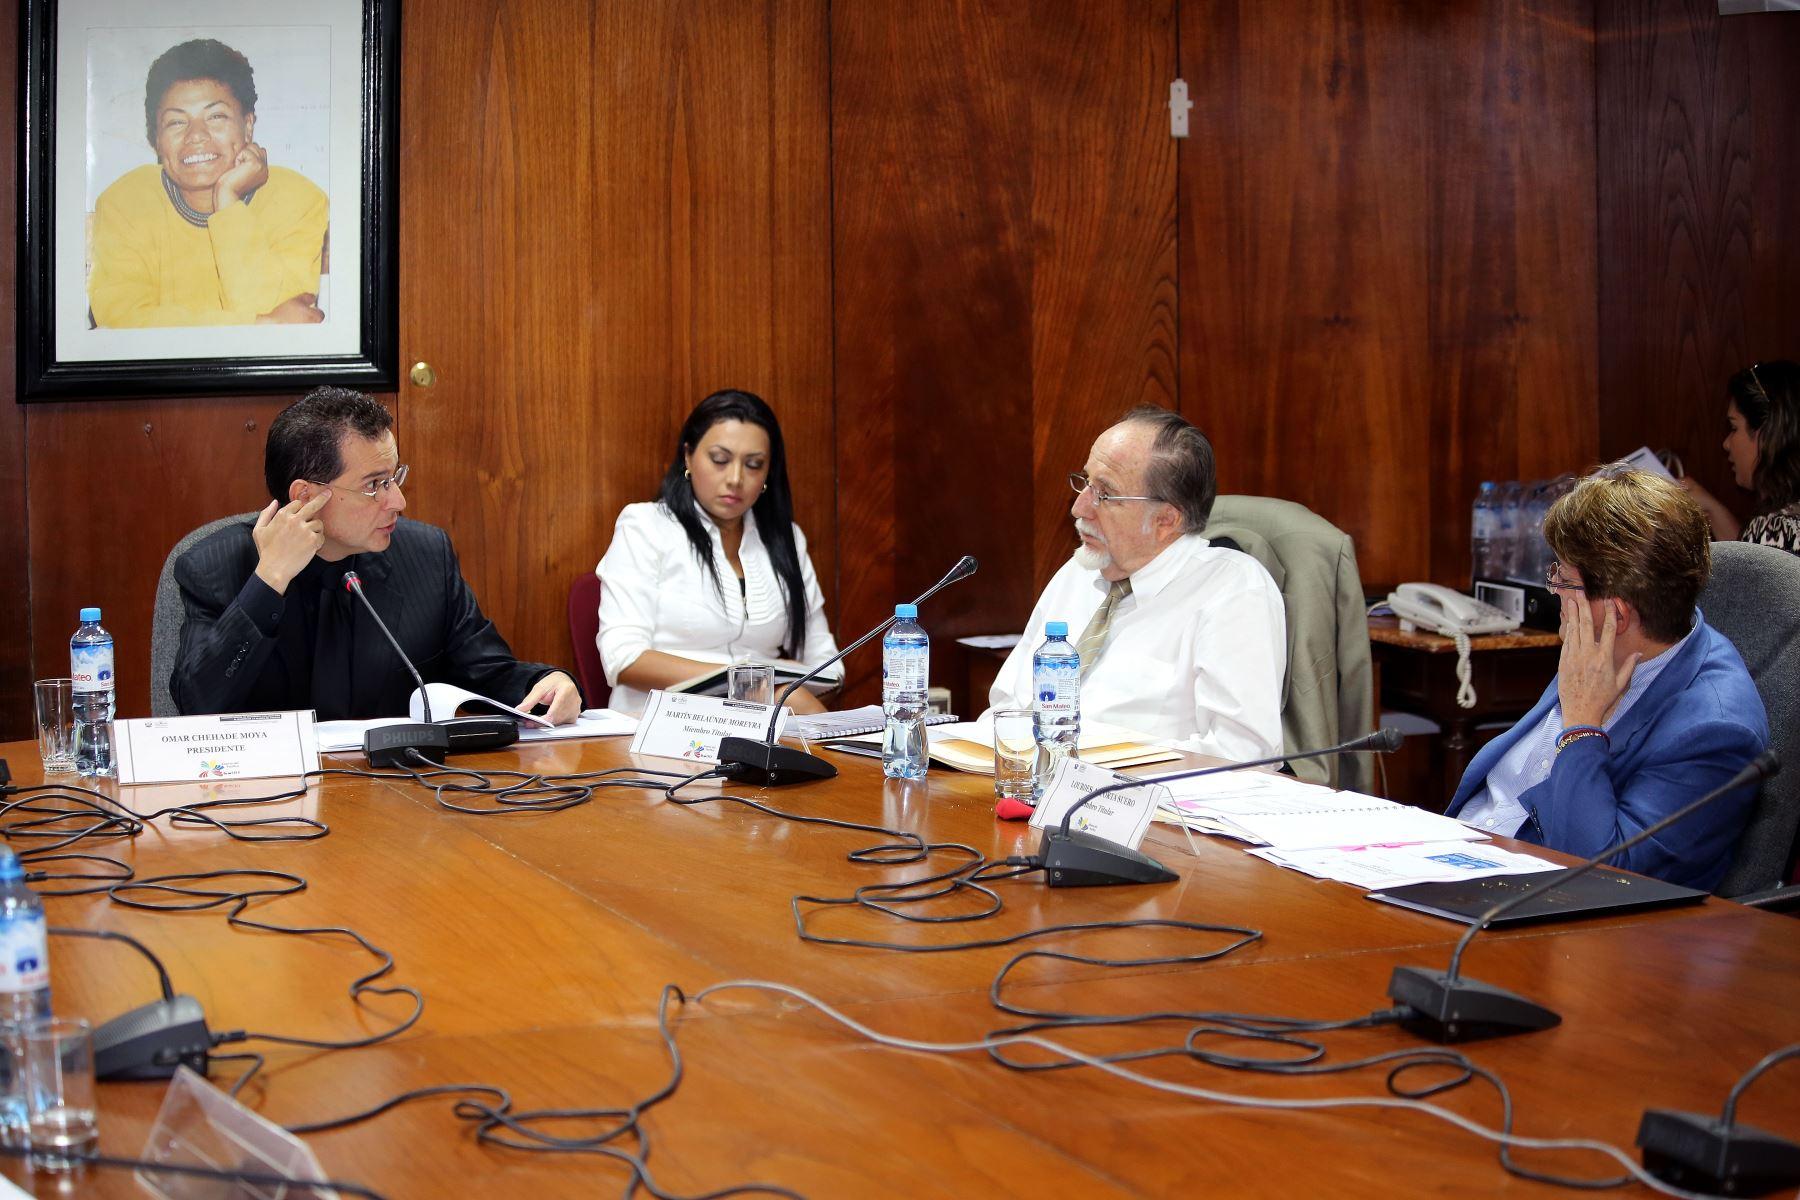 Sesión de la Comisión Especial de Seguimiento Parlamentario al Acuerdo de la Alianza del Pacífico, que preside el congresista Omar Chehade. Difusión